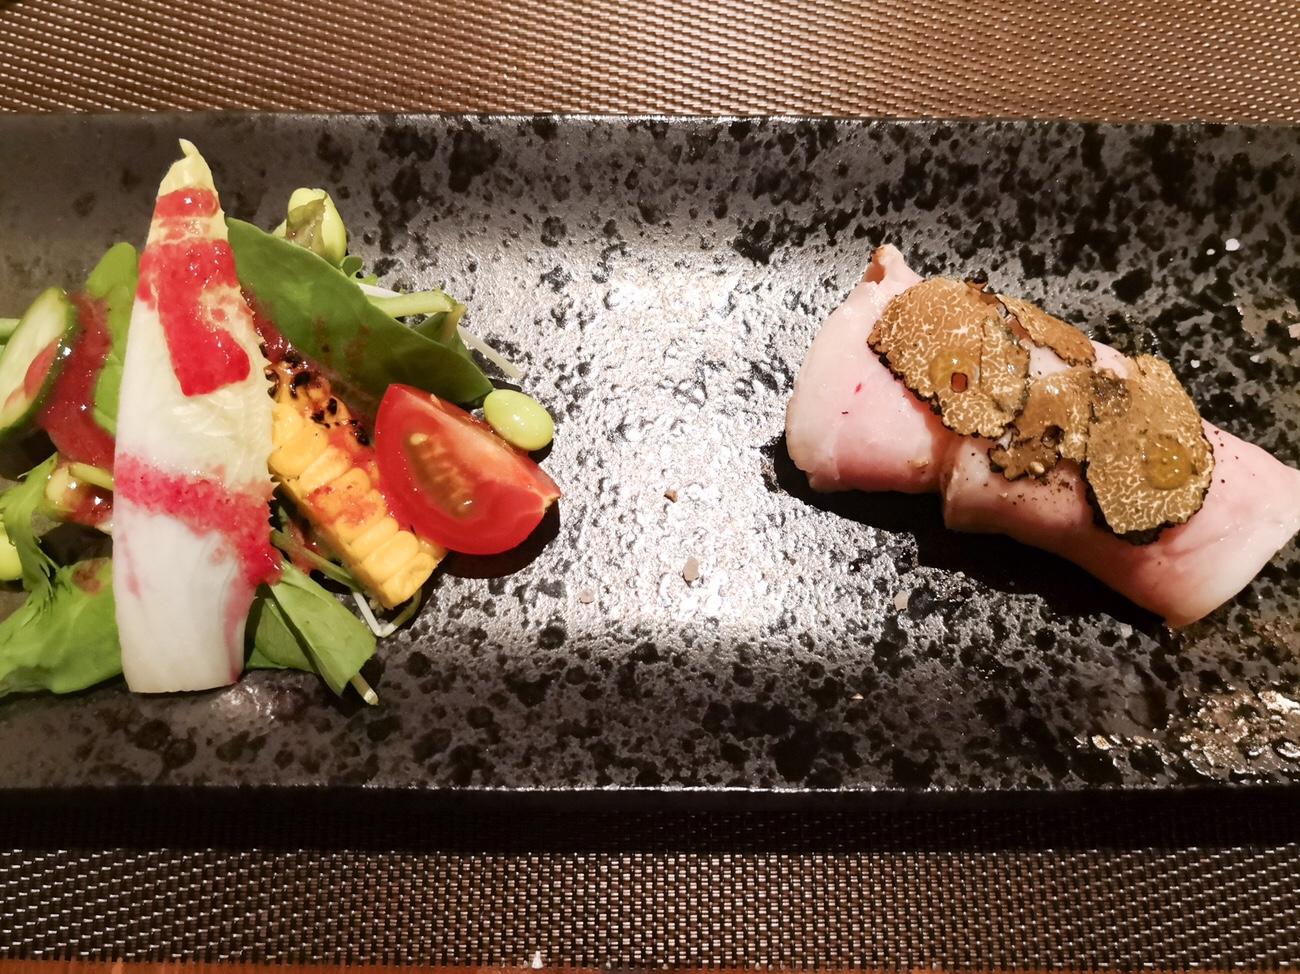 浅草の豚料理 グロワグロワ なきじんあぐー 今帰仁アグーを東京で食べられる店